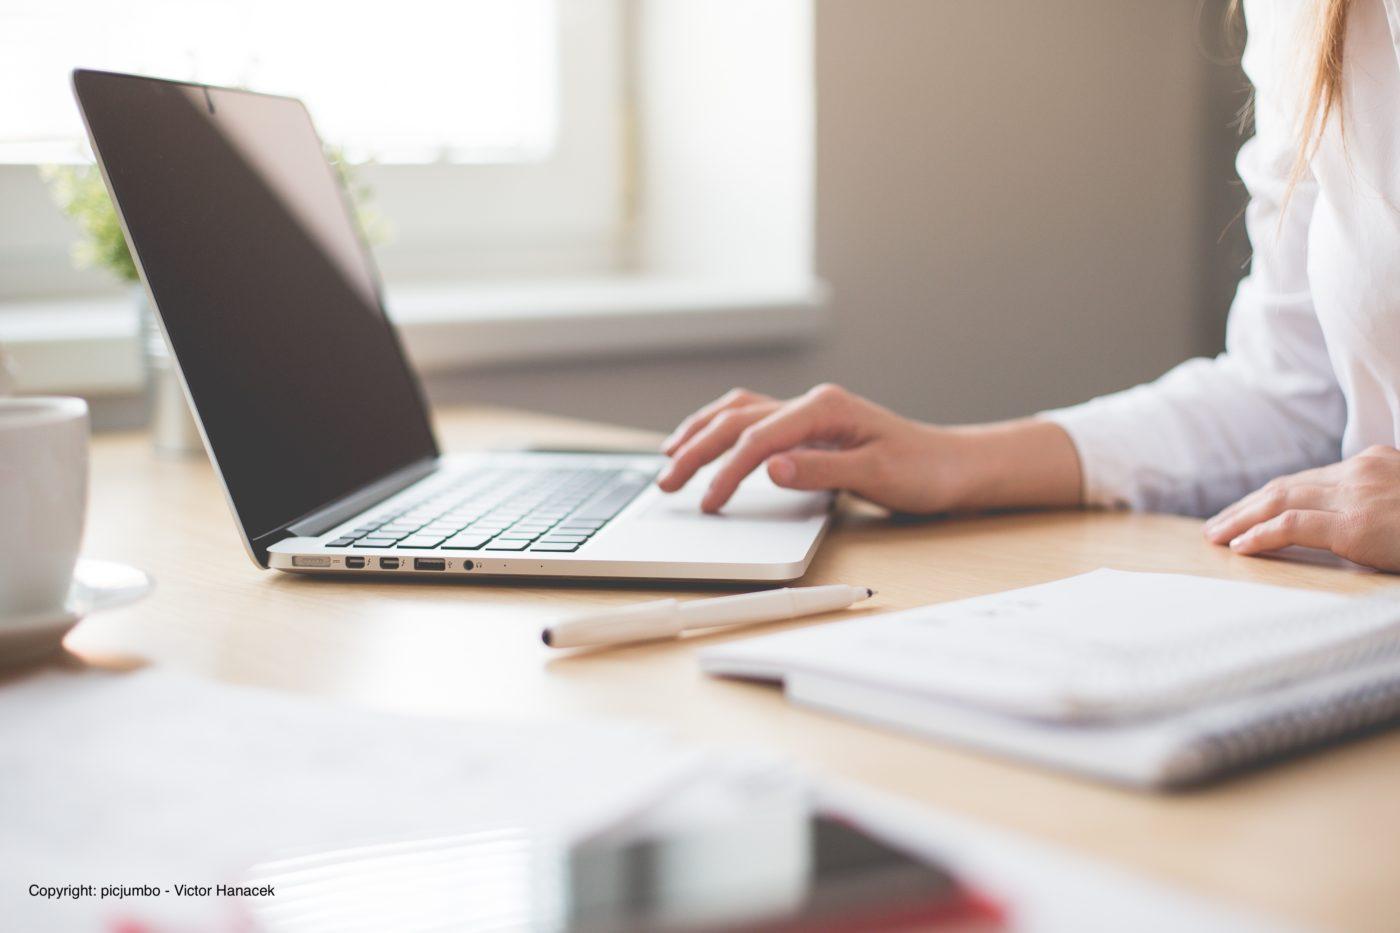 Der Unterschied zwischen Bloggen und Journalismus ist manchmal fließend und dann auch wieder nicht. Welche Mechanismen aus dem Journalismus für das eigene Blog genutzt werden können erklärt Edda Klepp am Beispiel von Perspective Daily.